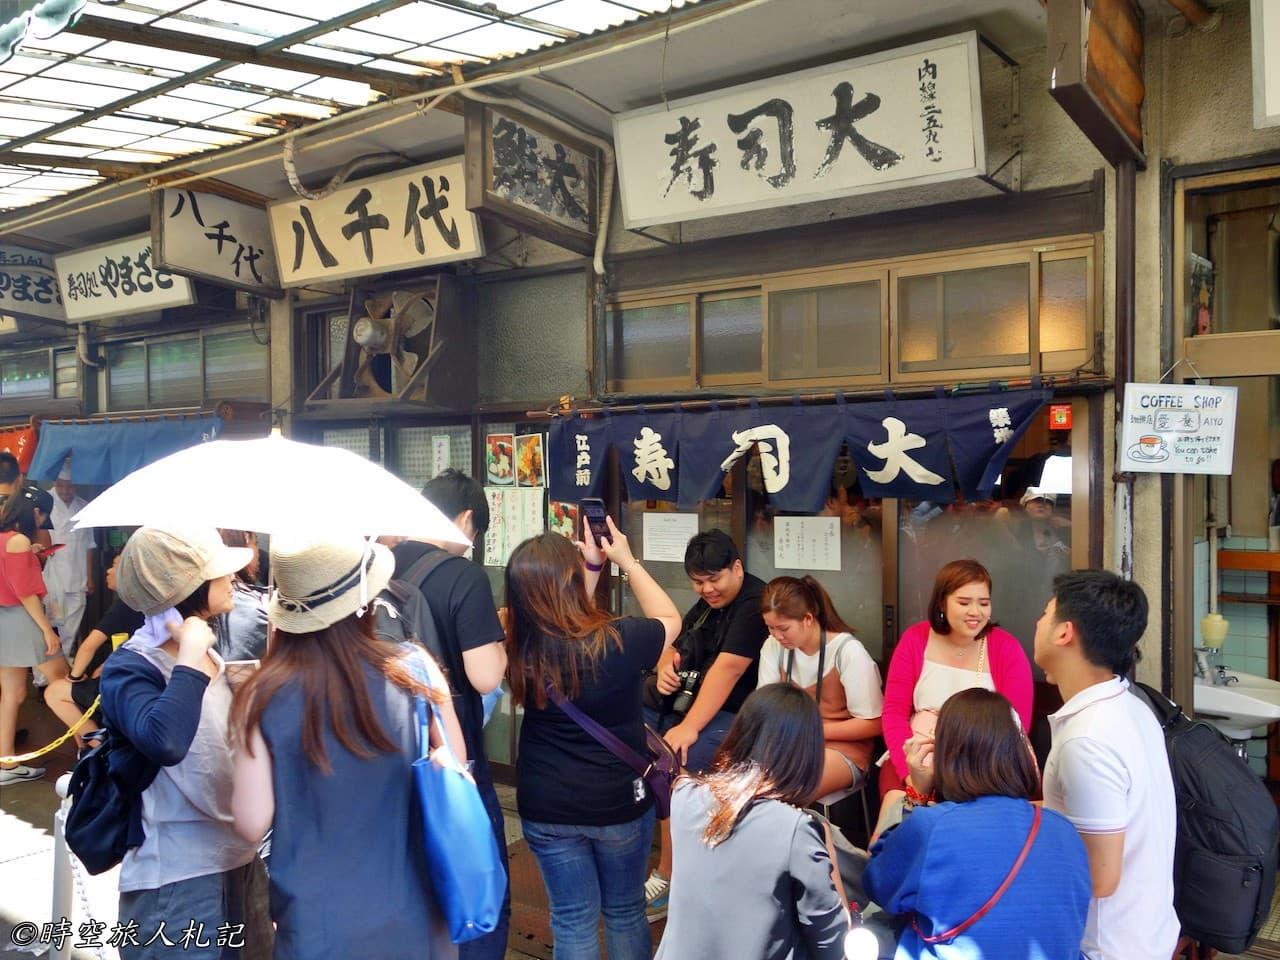 東京景點紀錄: 築地